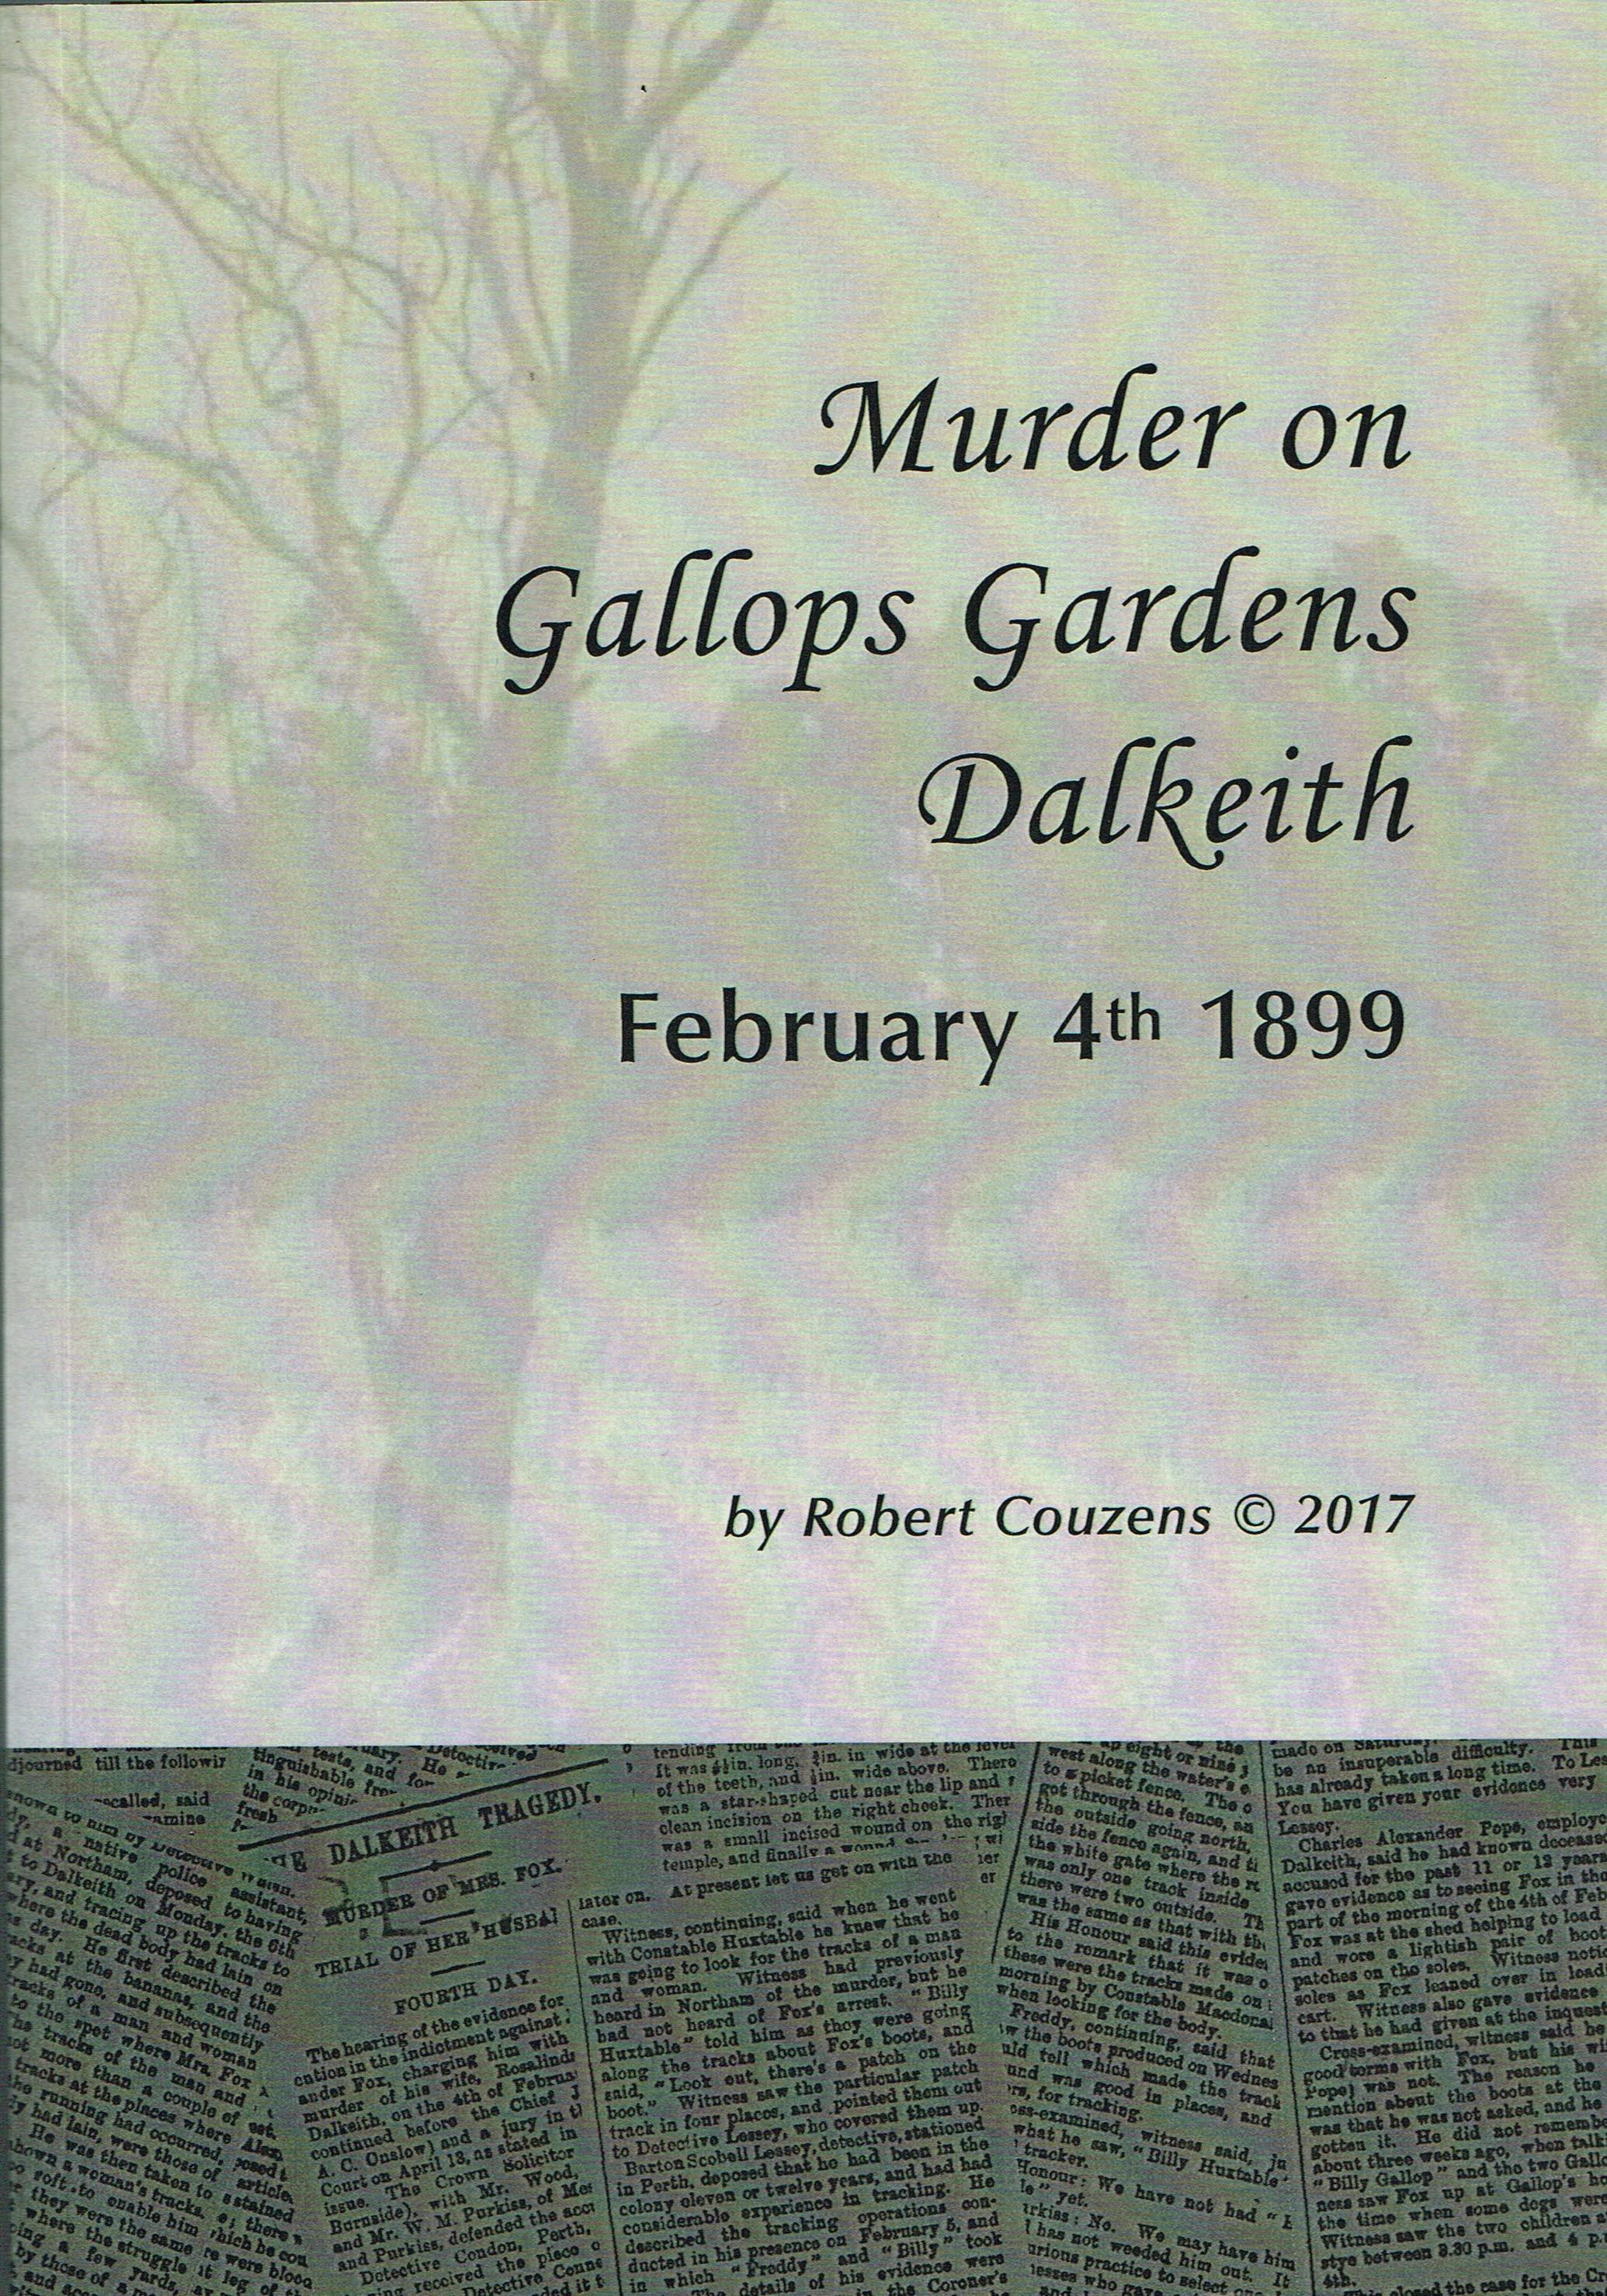 Murder_on_Gallops_Gardens_Dalkeith.jpg